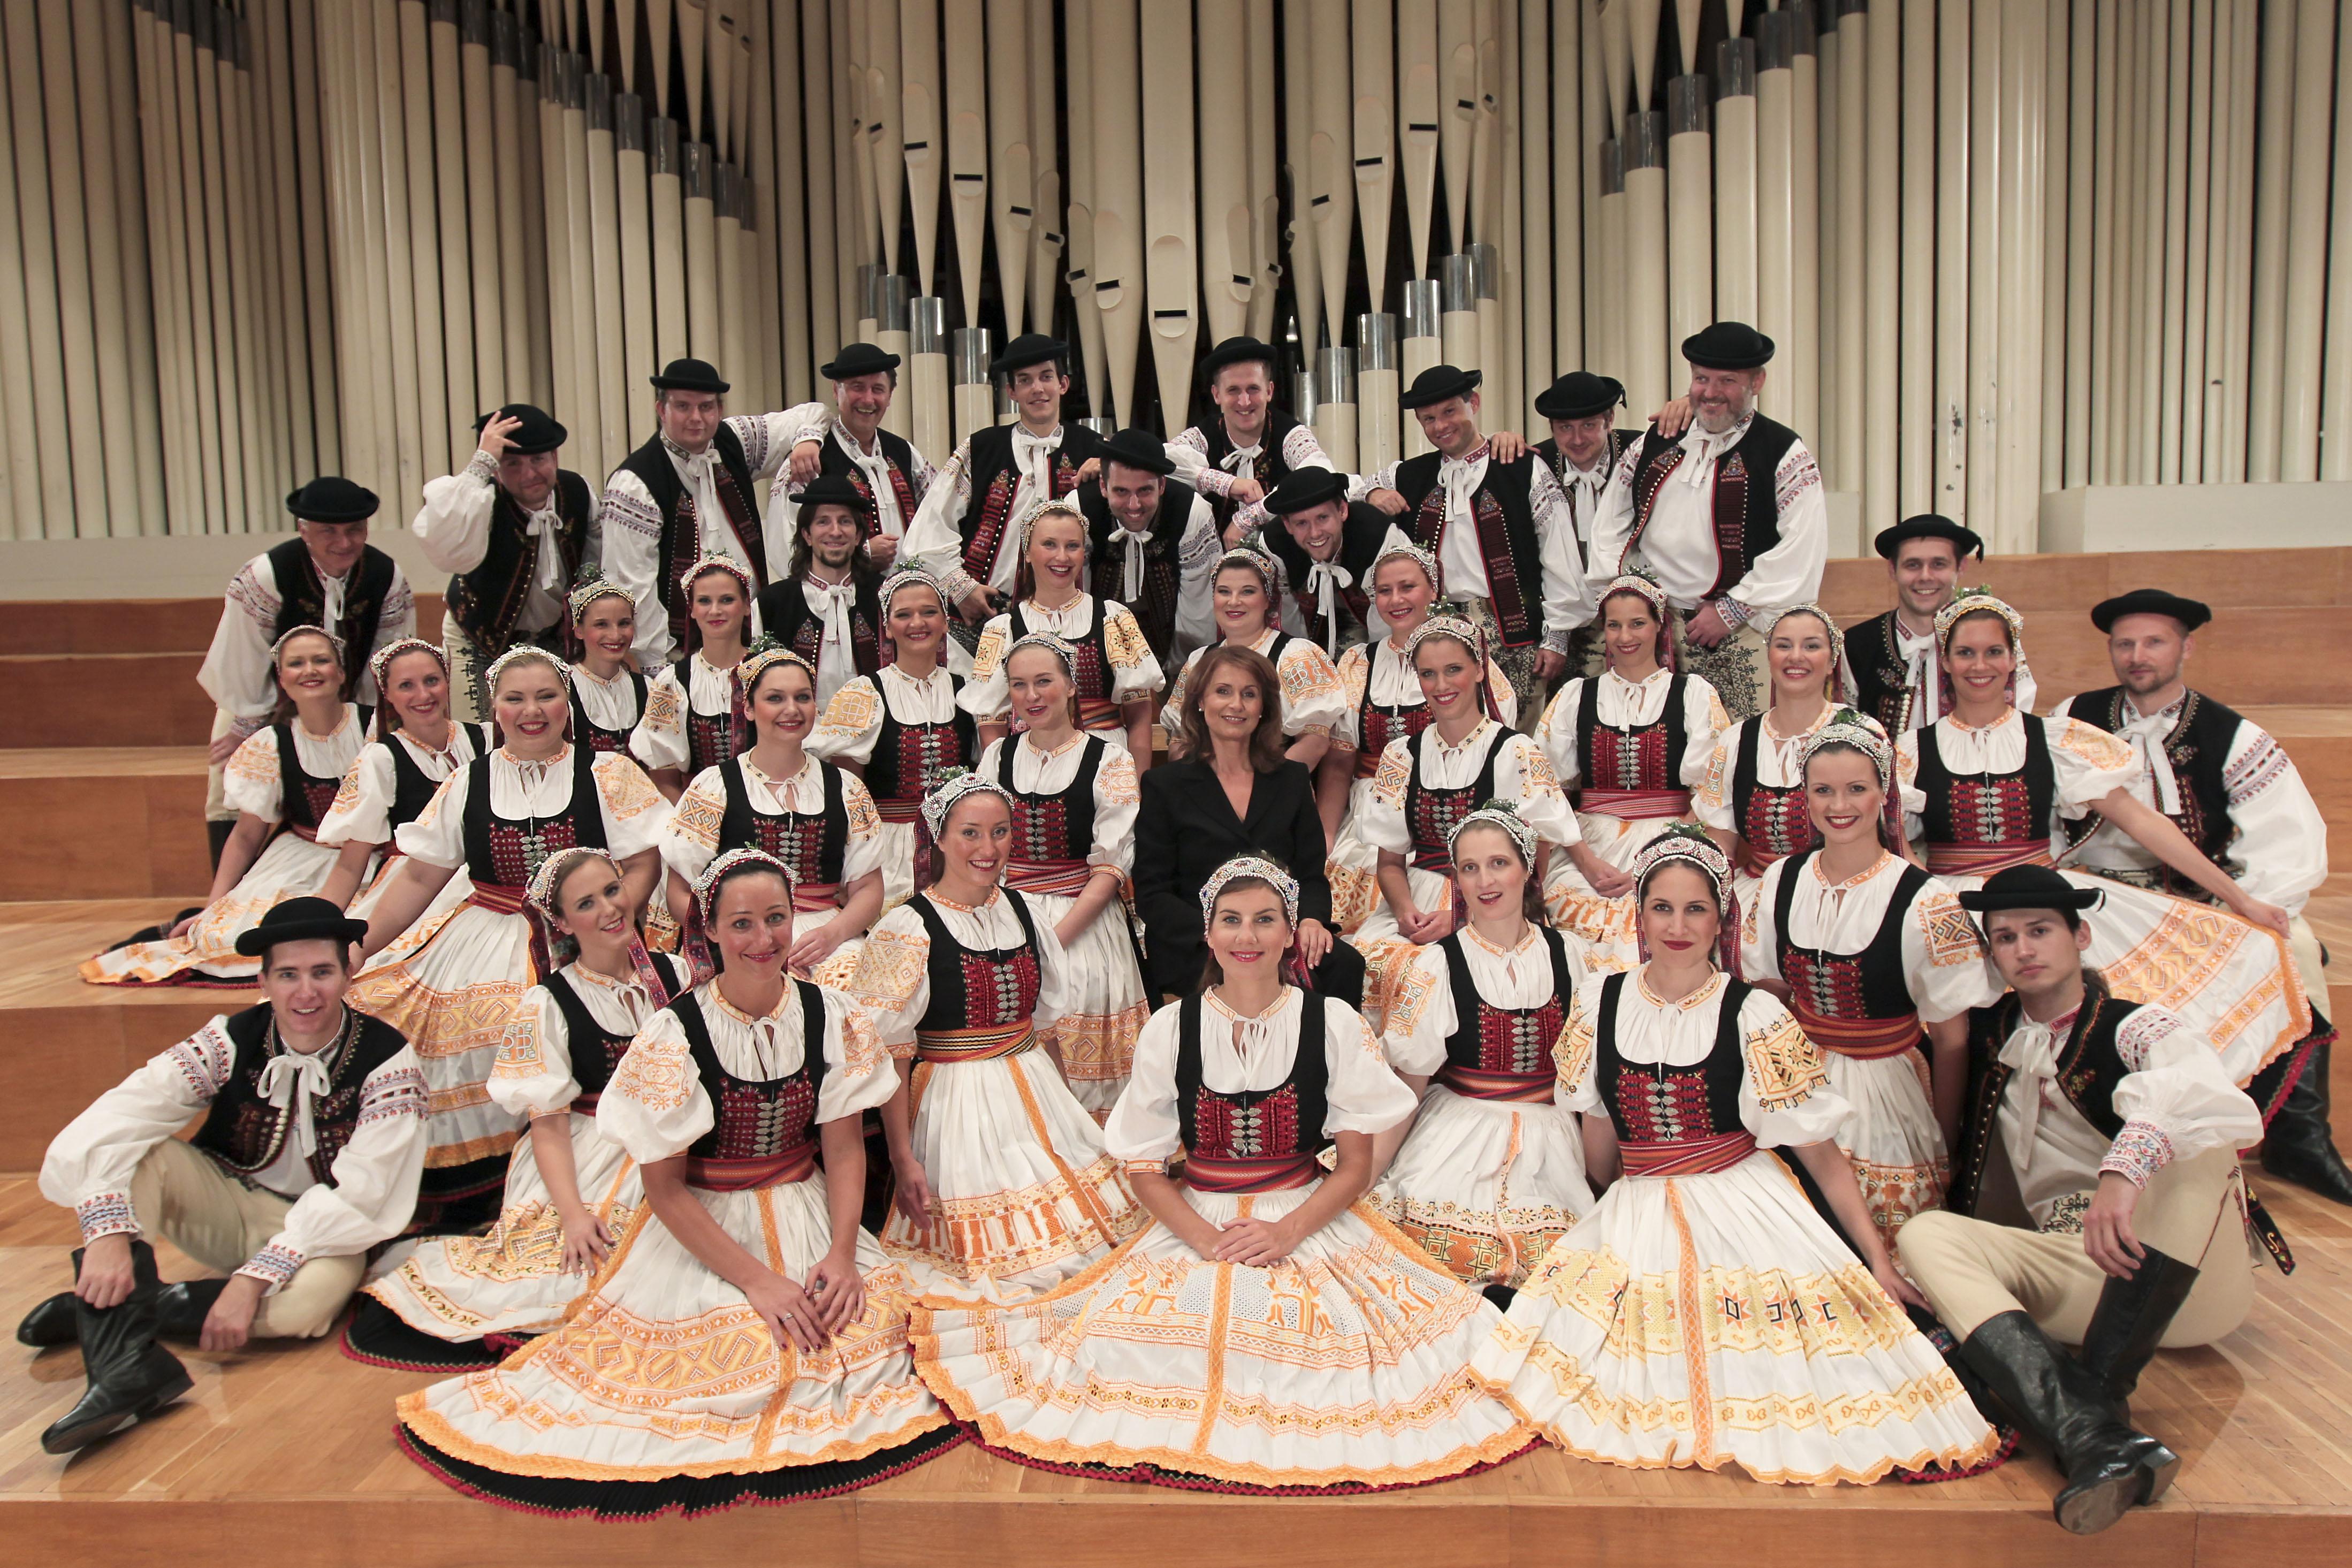 Spevácky zbor Lúčnica. Foto © Ctibor Bachratý 2011